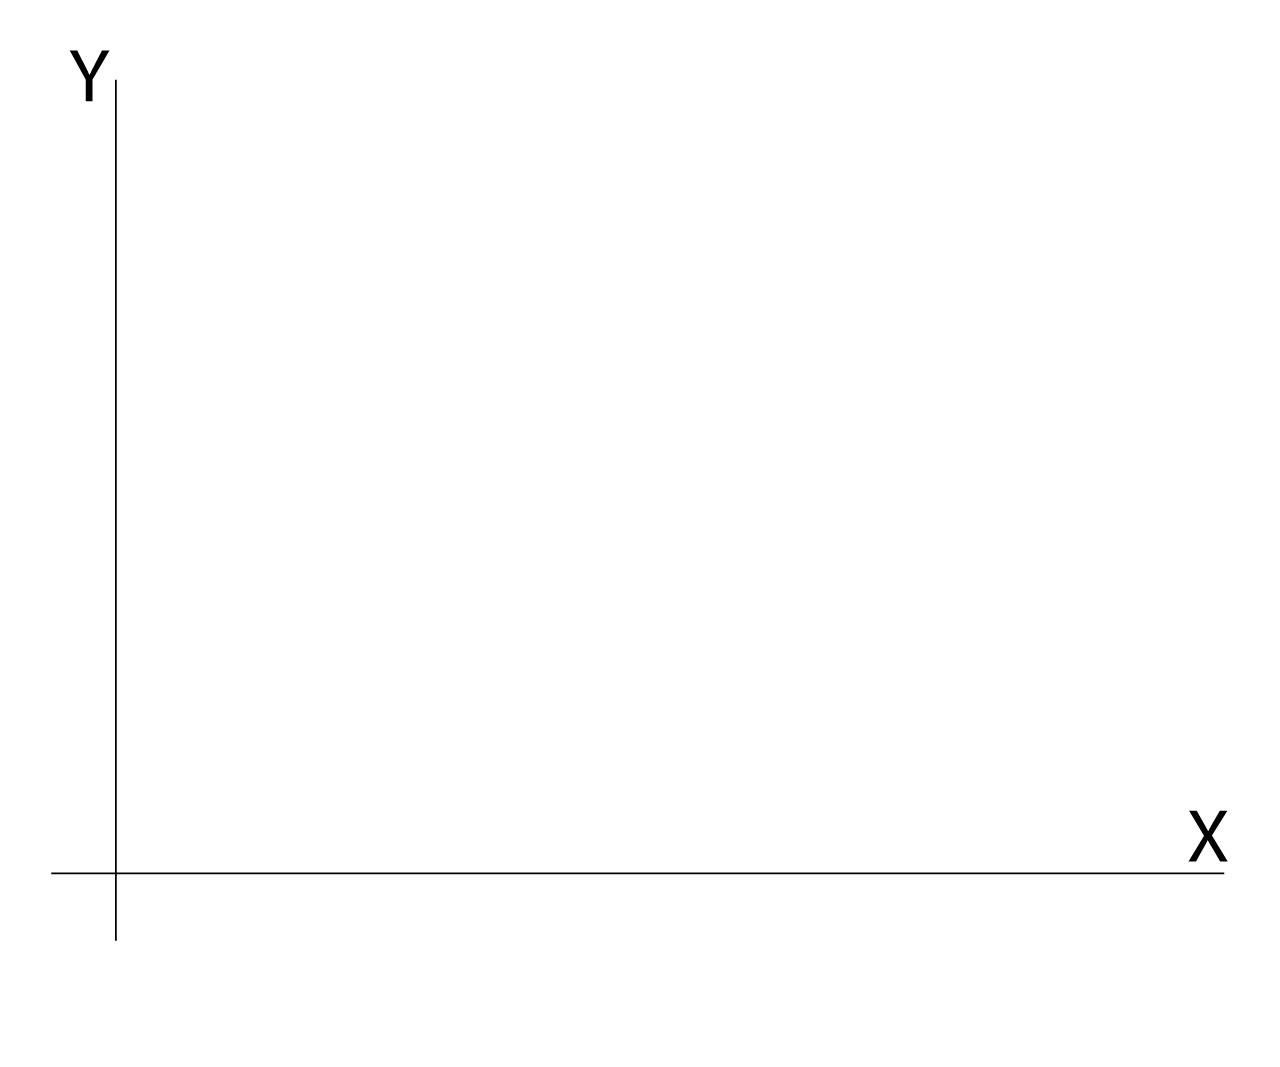 график жизни по дате рождения